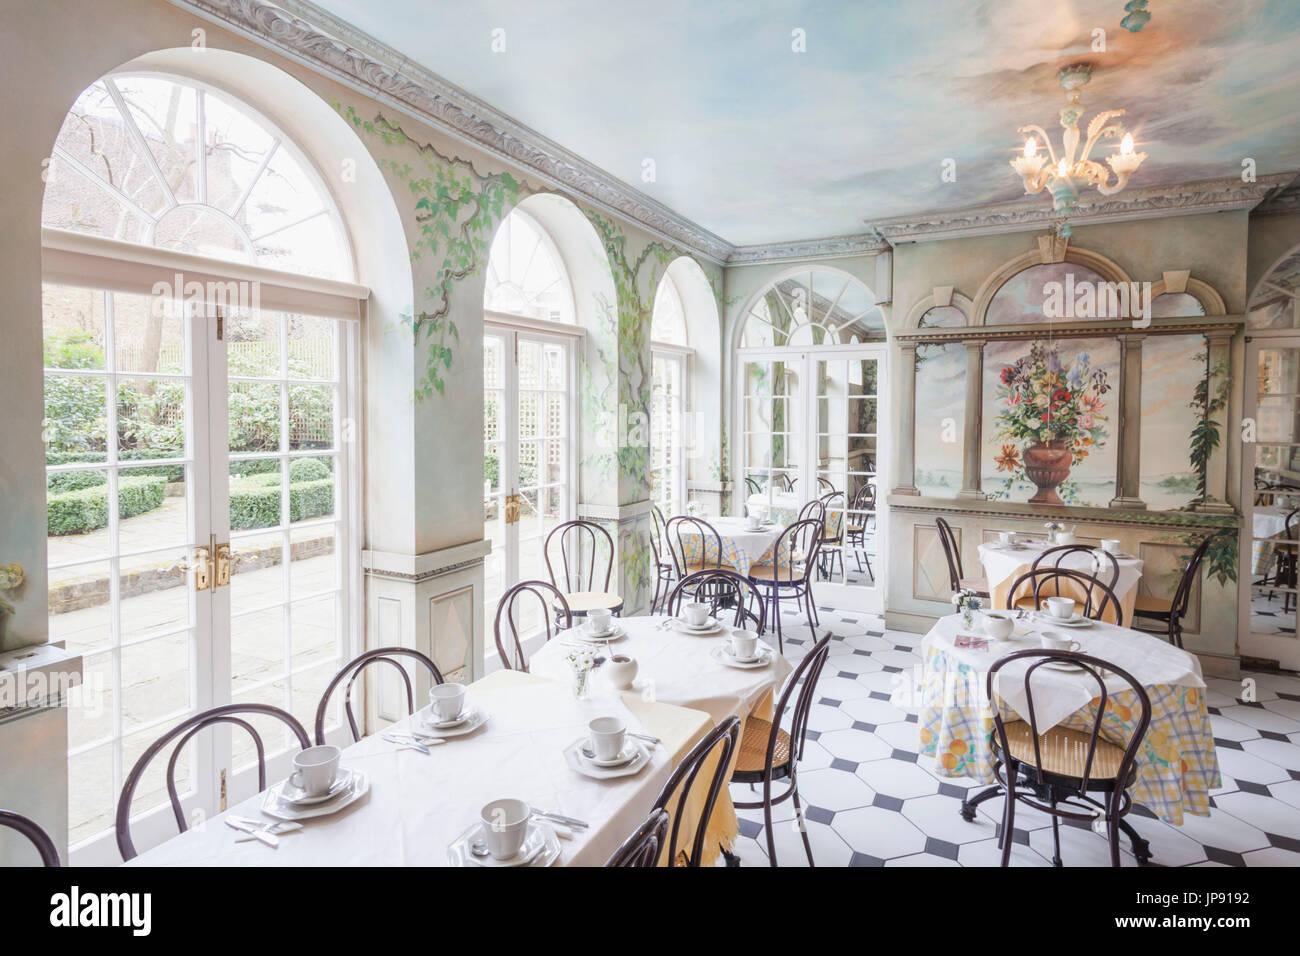 England, London, Greenwich, The Fan Museum, The Orangery Tearoom - Stock Image